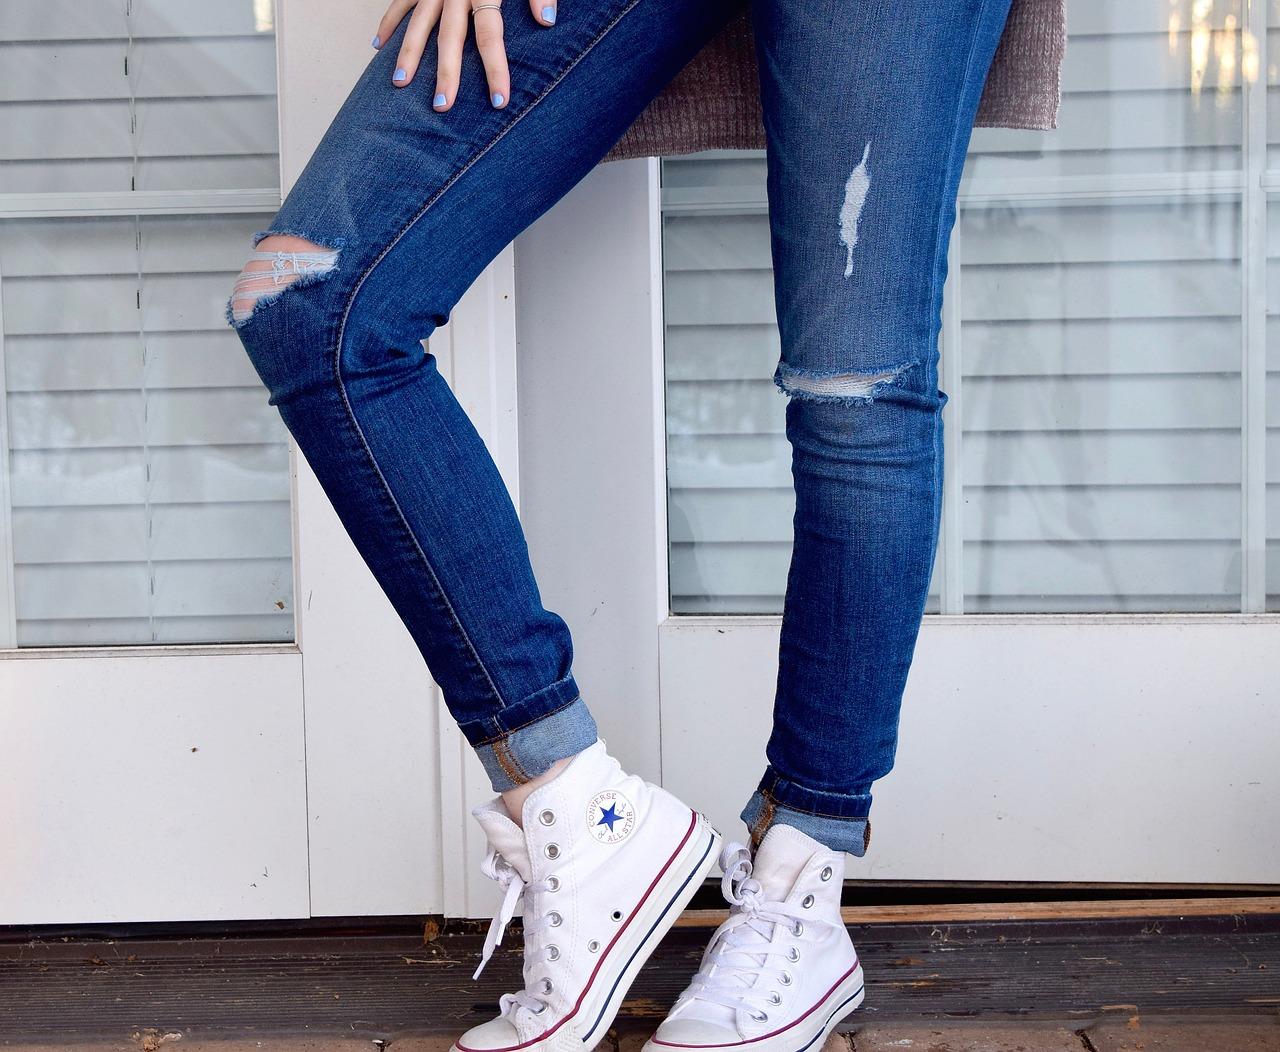 ビレッグ(bileg)美脚効果なし?嘘?加圧式レギンス脚痩せの口コミ評判まとめ♪最安値で購入できるのは公式サイト?アマゾン?